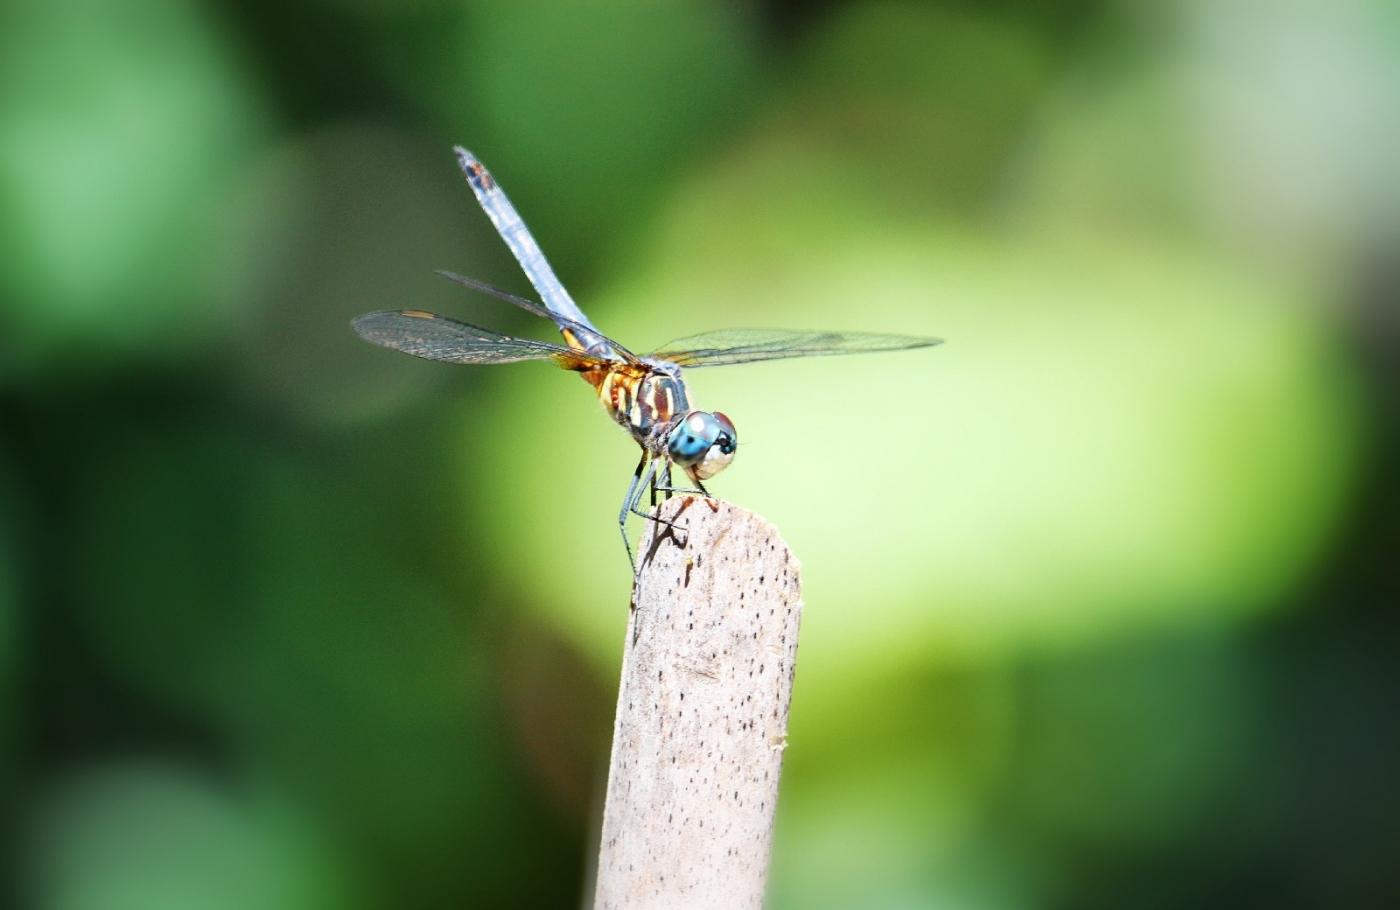 【田螺摄影】院子里的蜻蜓_图1-4